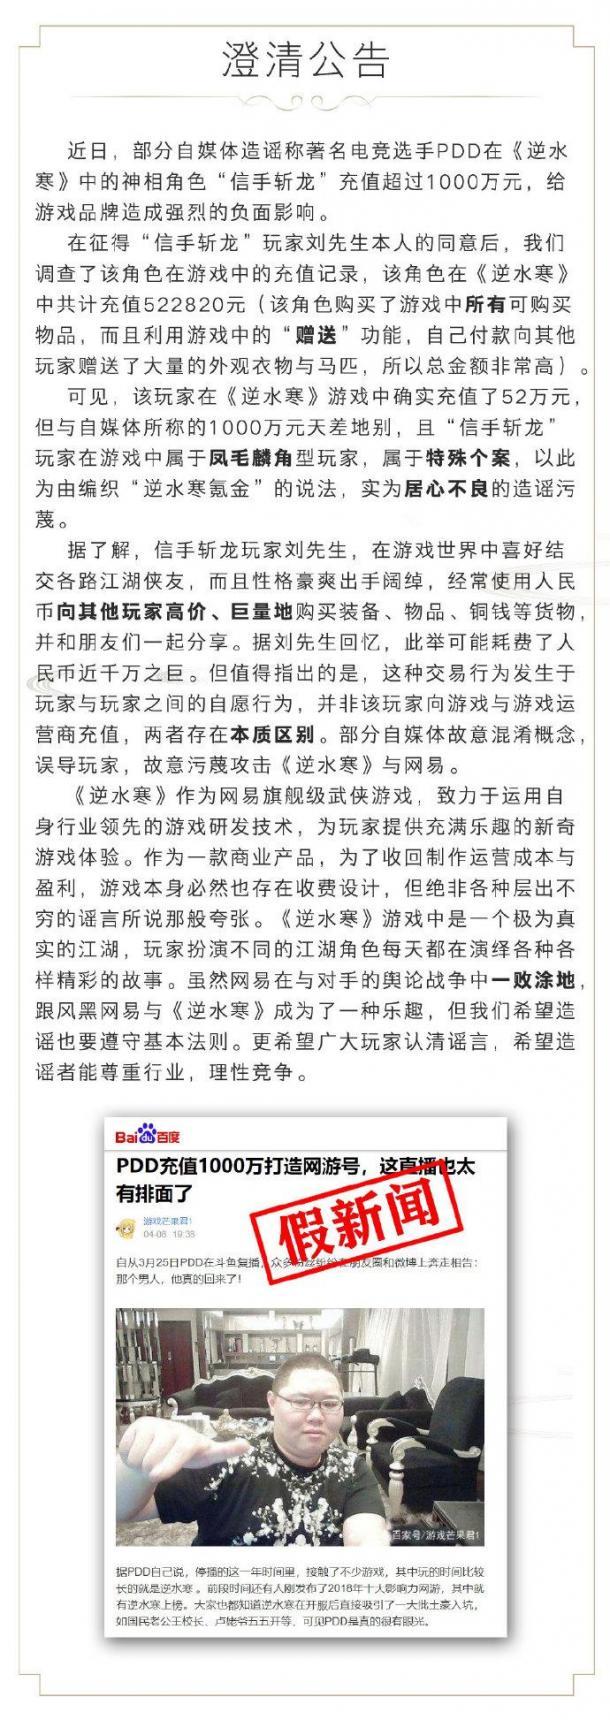 传闻PDD《逆水寒》氪金千万? 《逆水寒》官方微博回应:假消息!